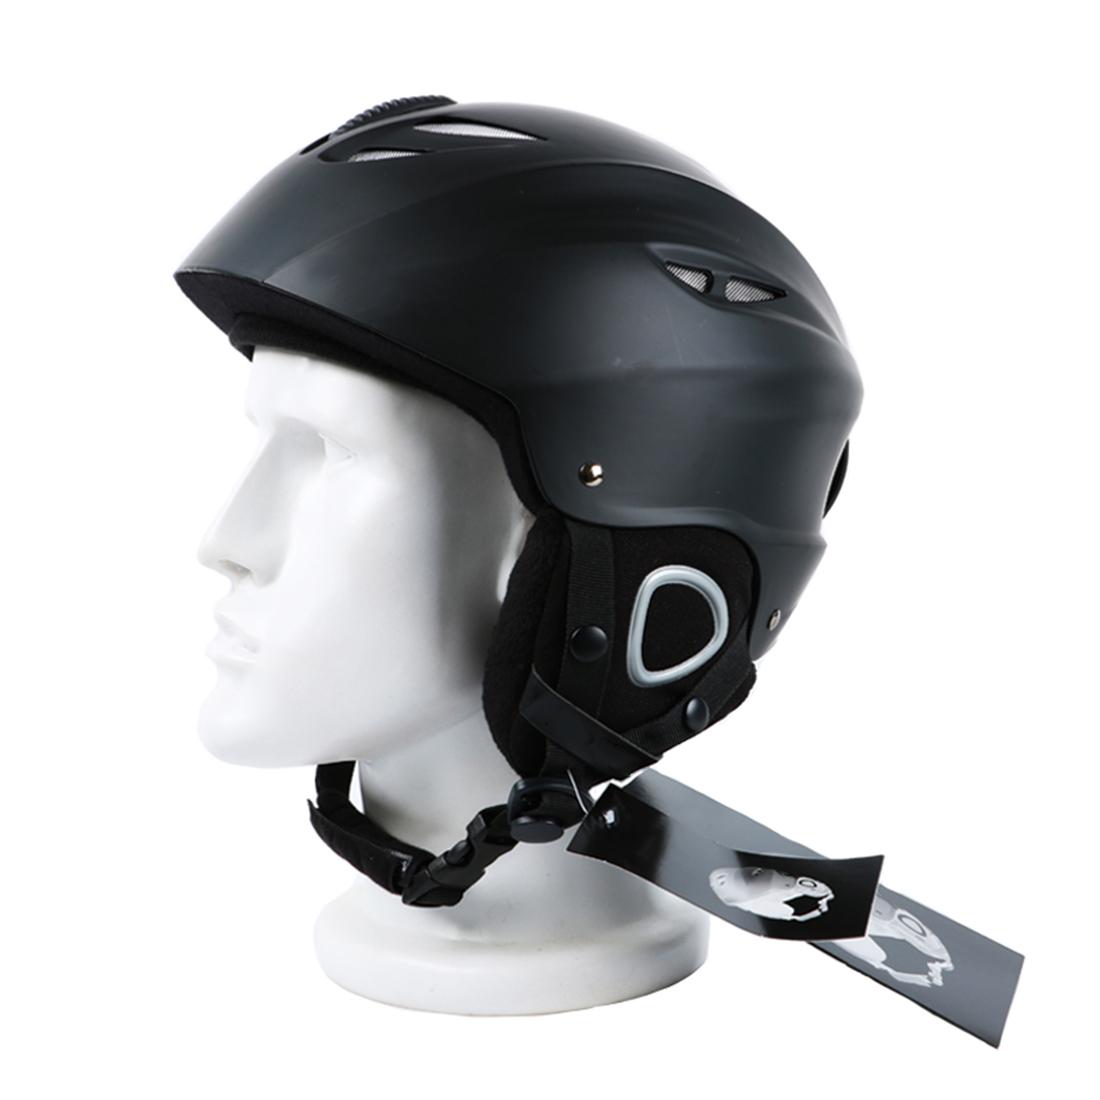 Шлем для катания на скейтборде, Зимний шлем для катания на лыжах и сноуборде